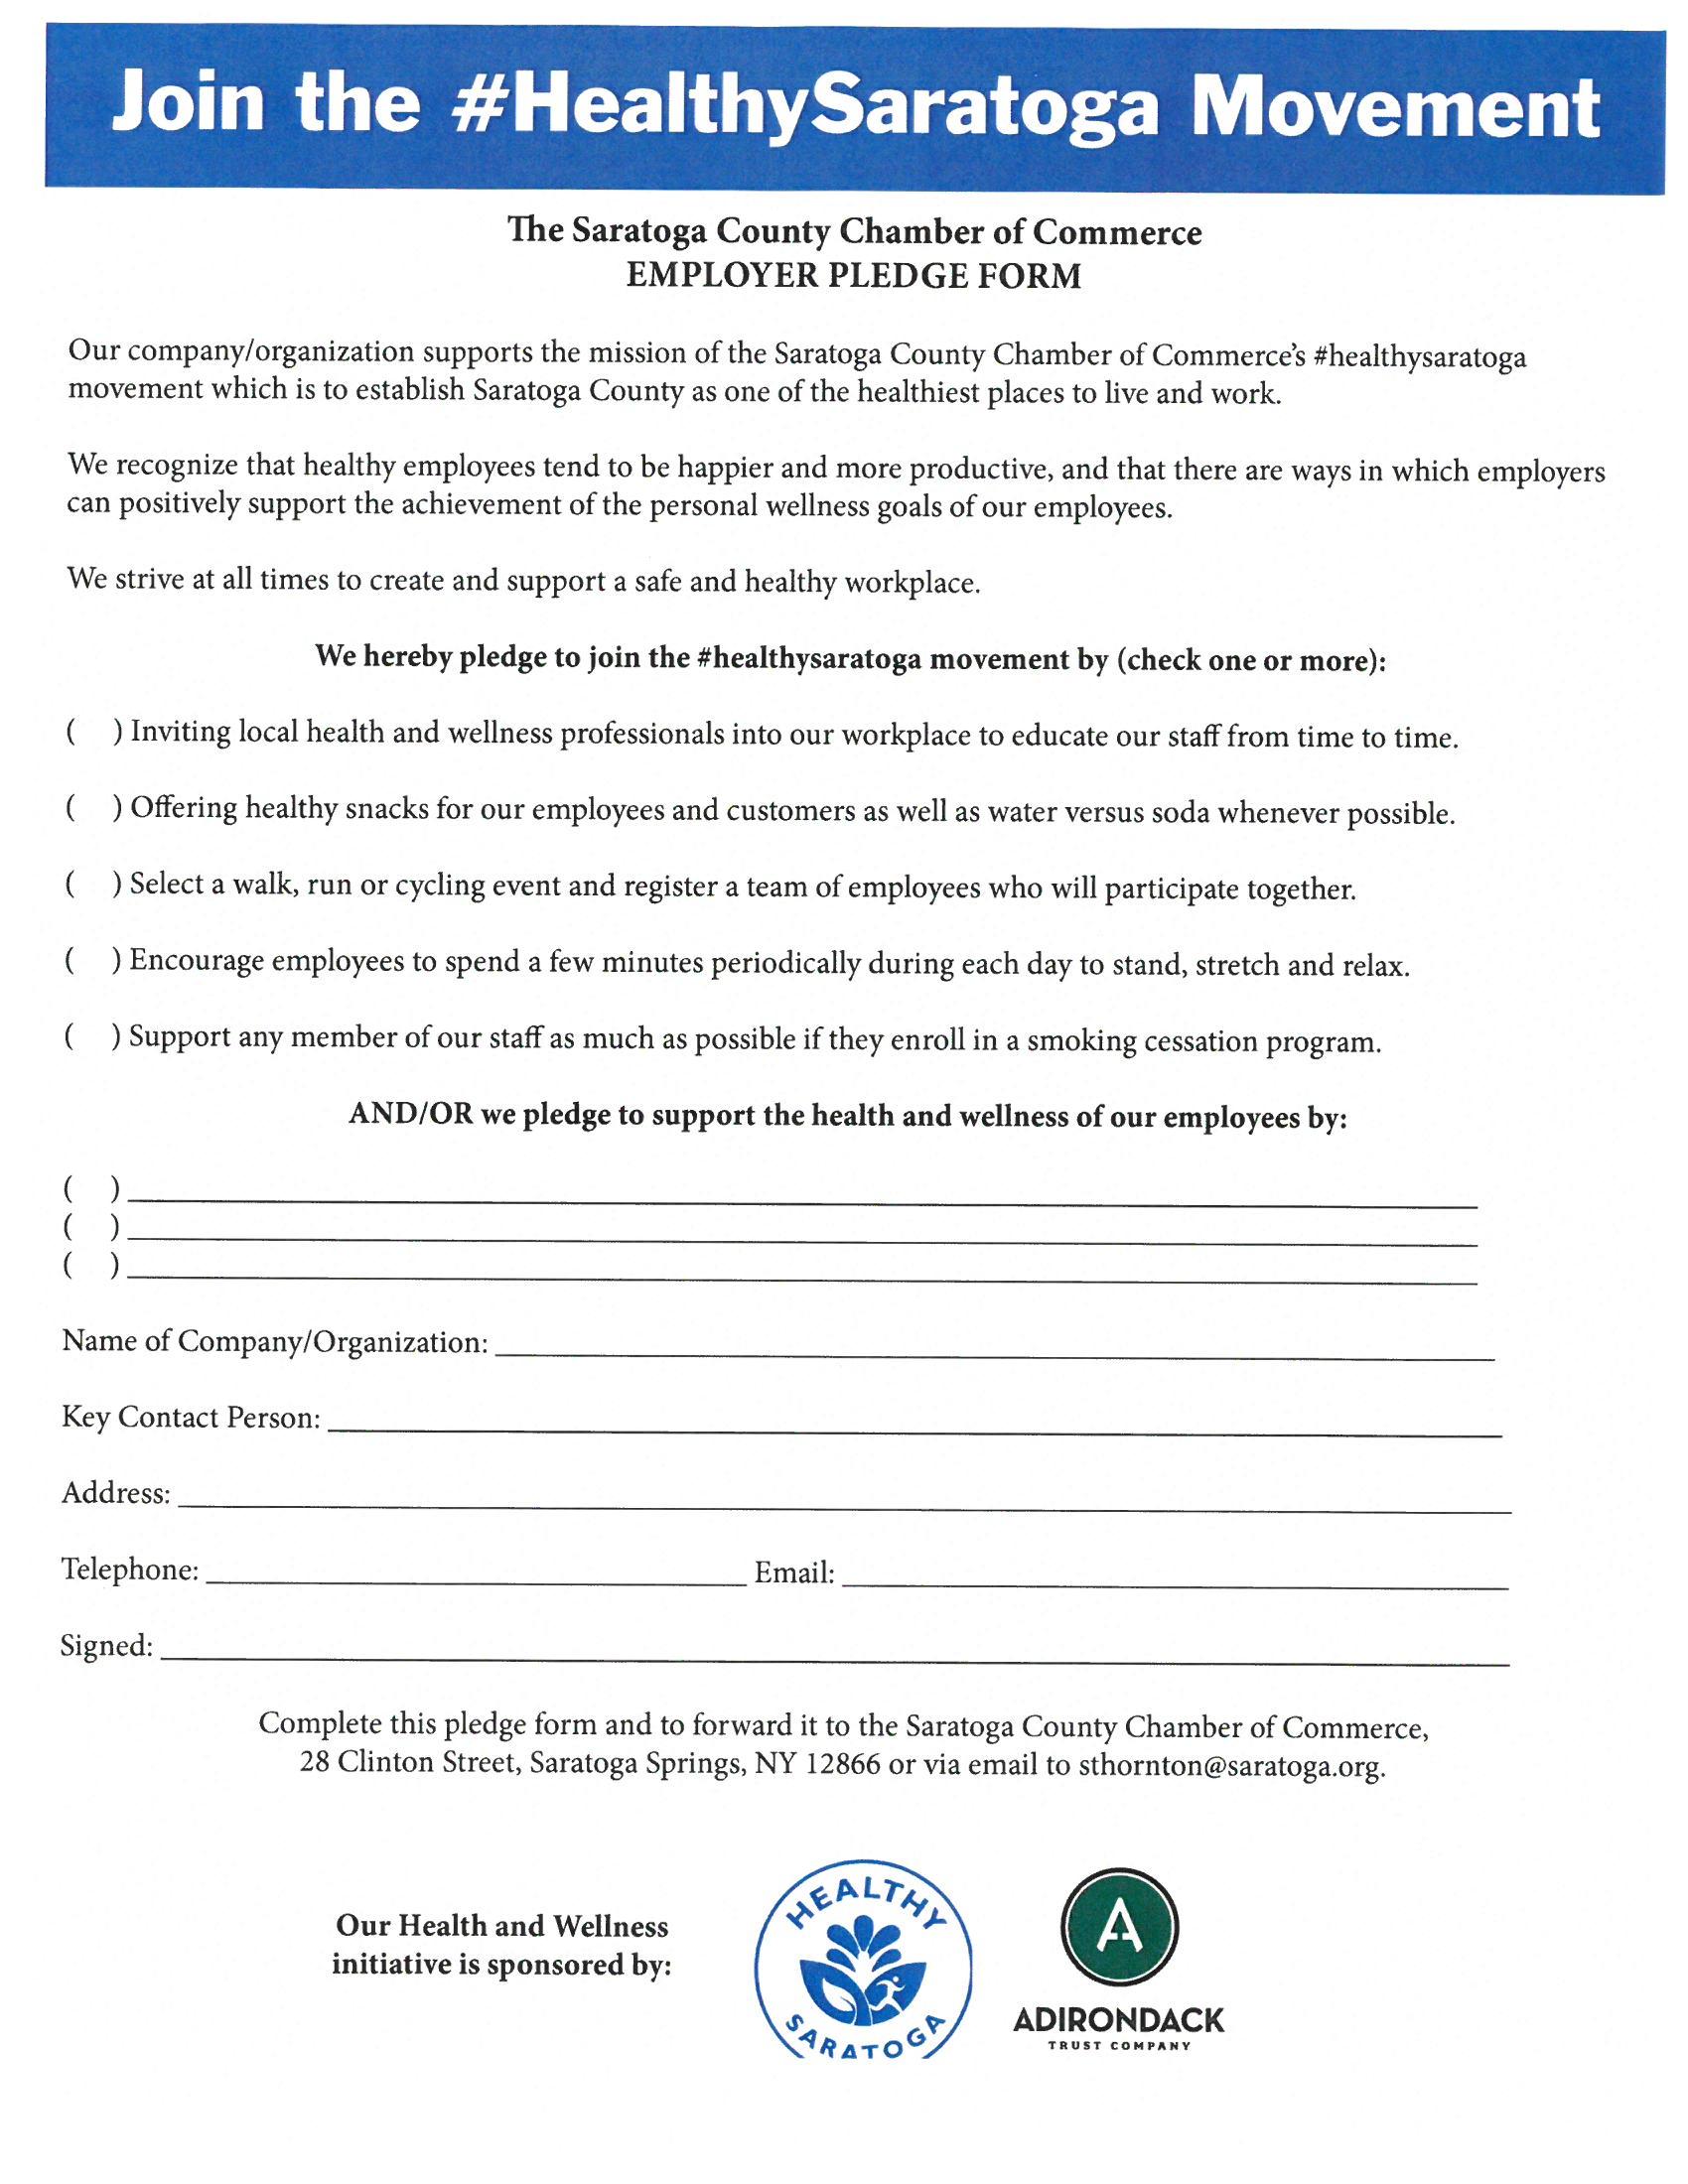 2018 Healthy Saratoga Pledge